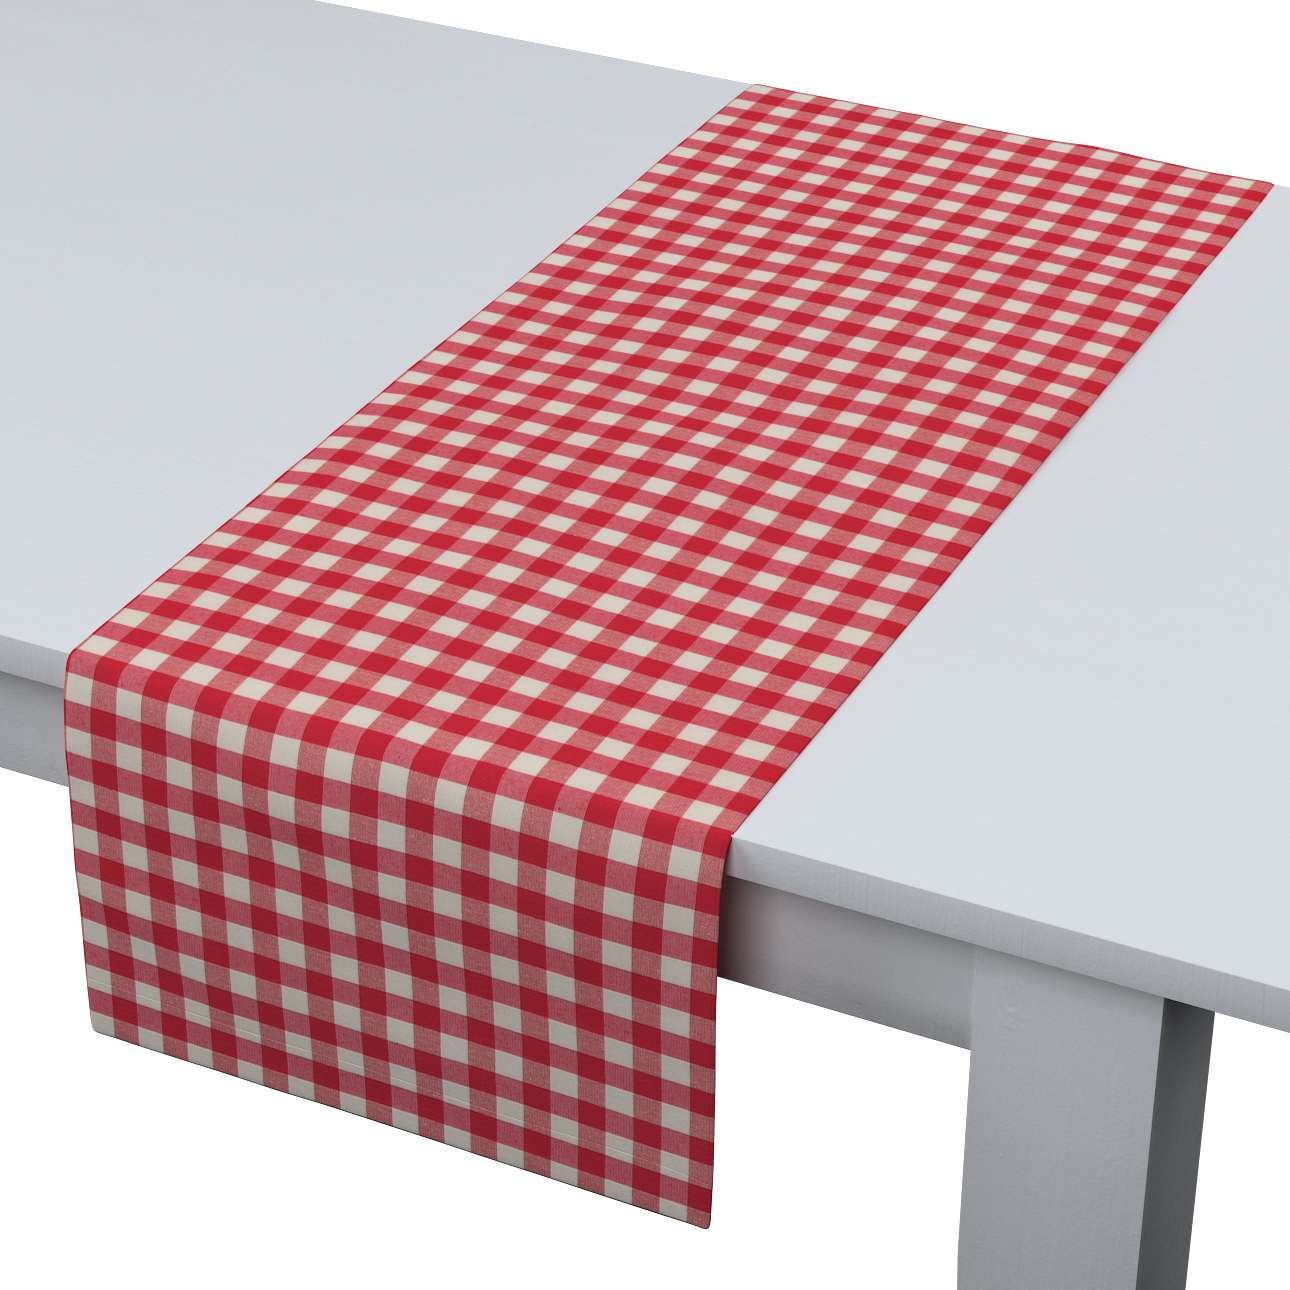 Rechteckiger Tischläufer 40 x 130 cm von der Kollektion Quadro, Stoff: 136-16